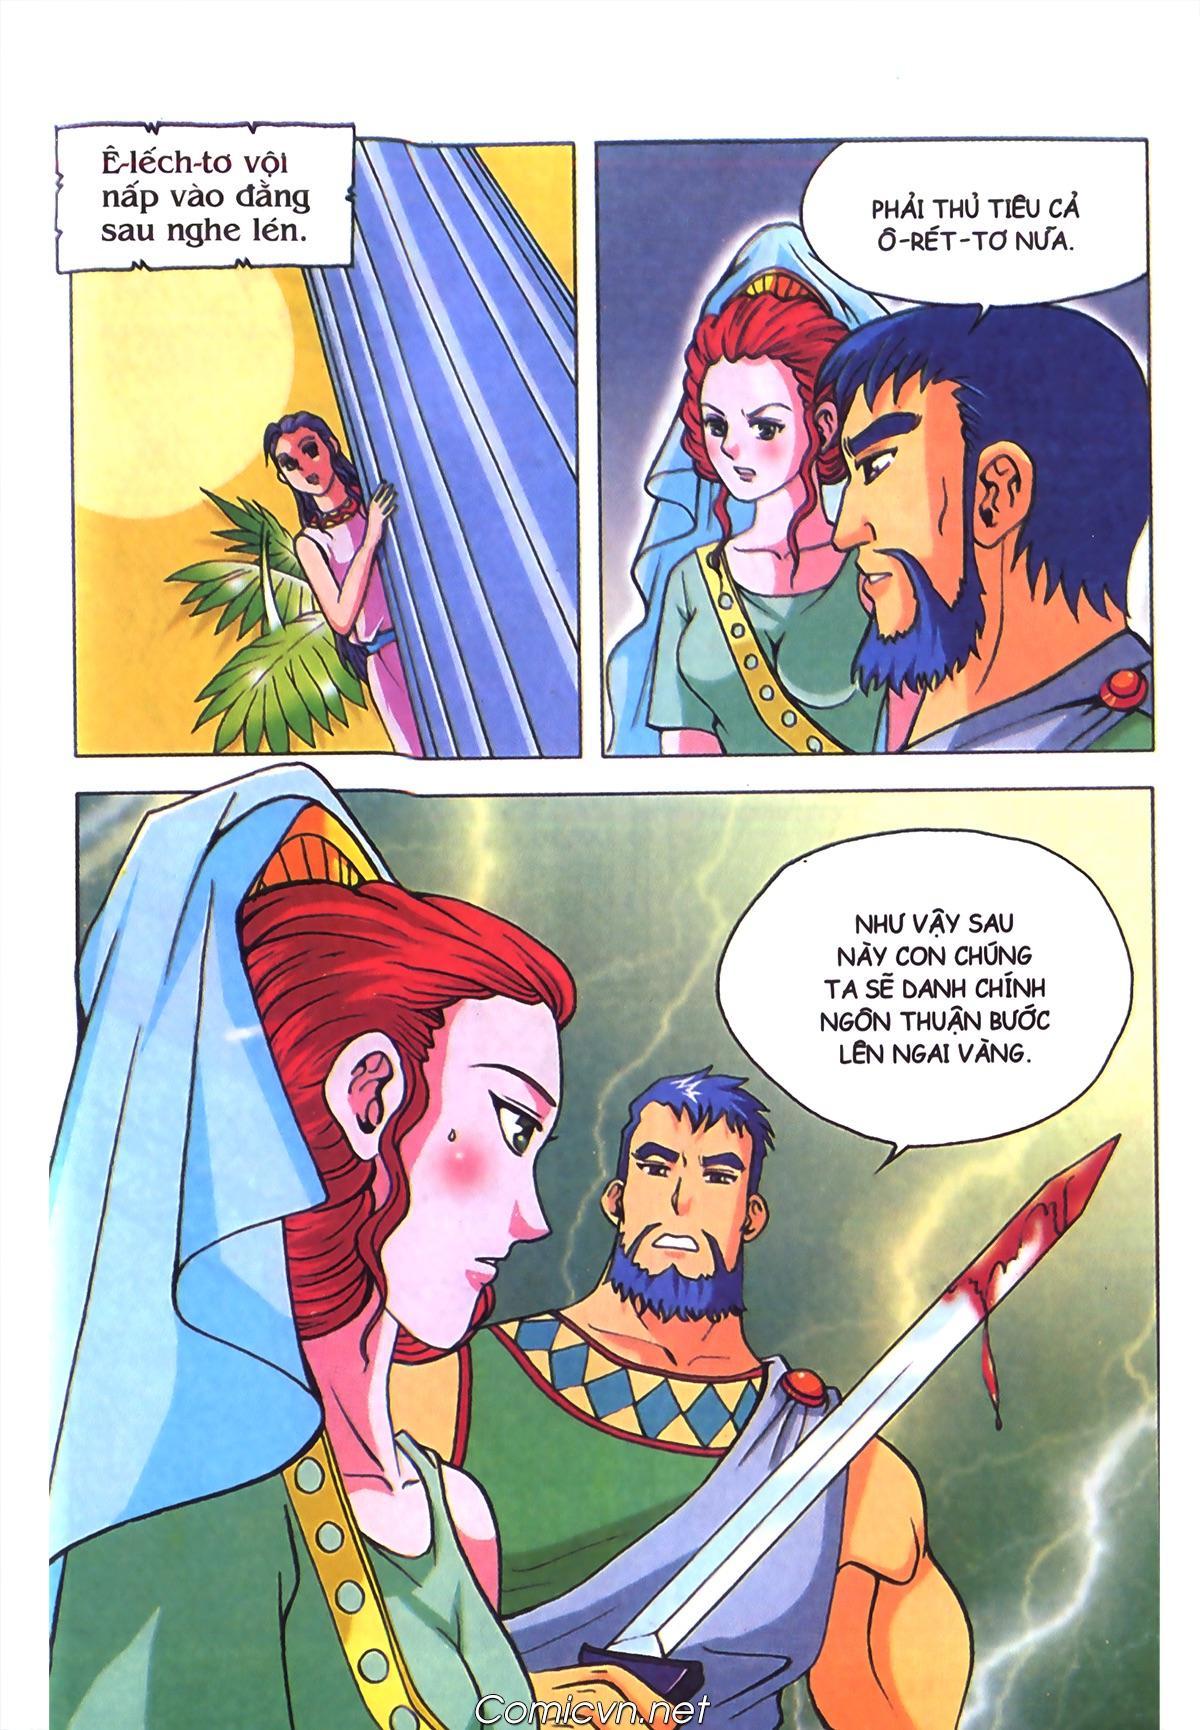 Thần Thoại Hy Lạp Màu - Chapter 70: Nàng Ê lếch tơ - Pic 18